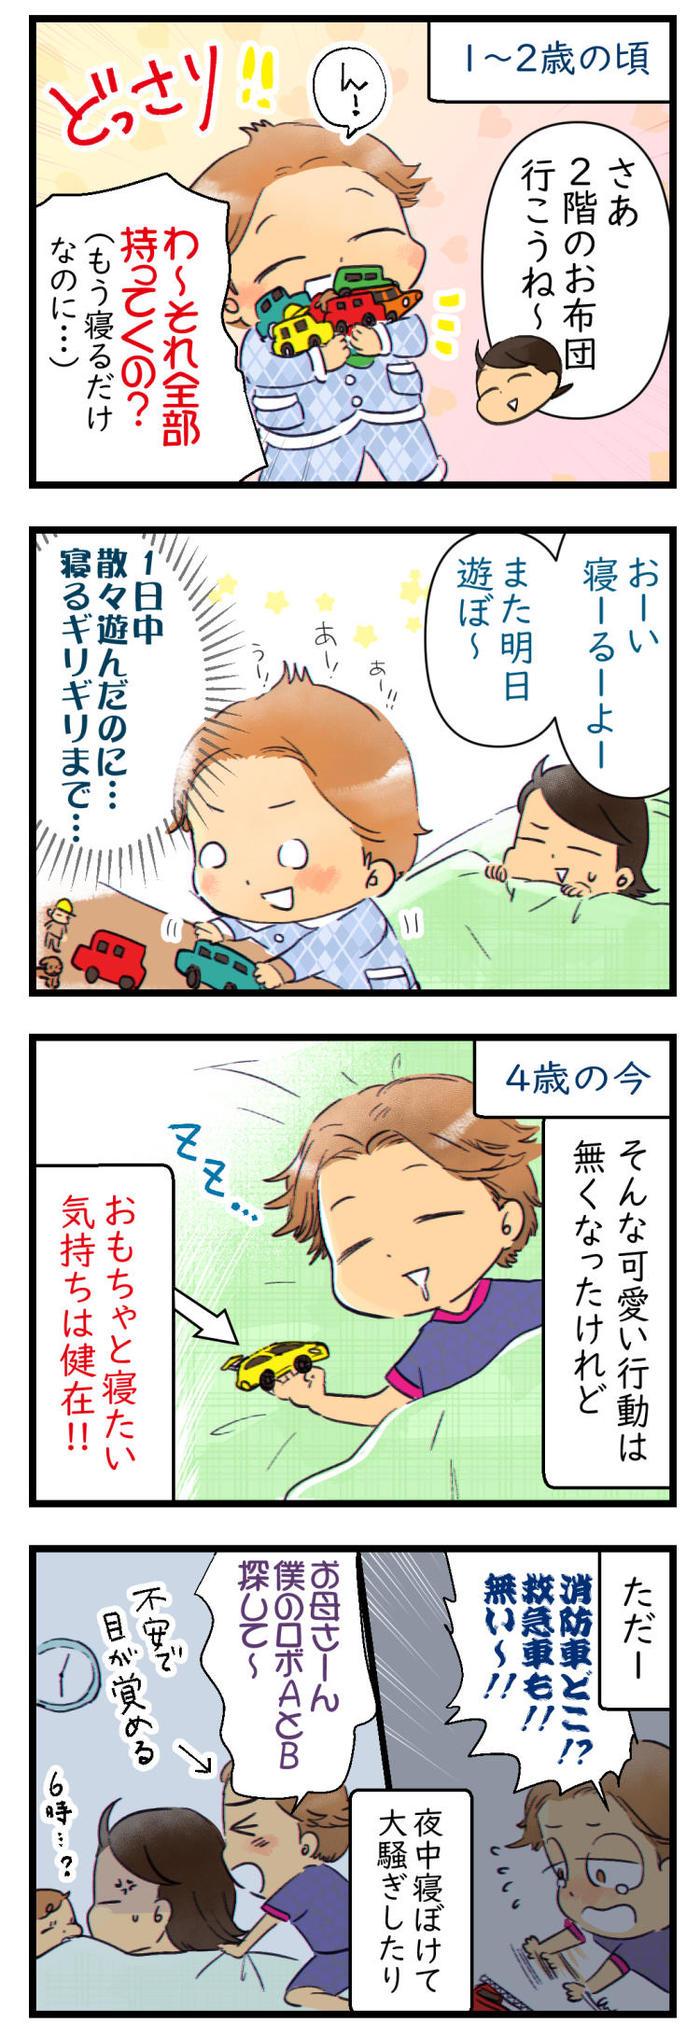 「寝室に持っていくおもちゃはひとつまで」快適に寝るために決めたことの画像1